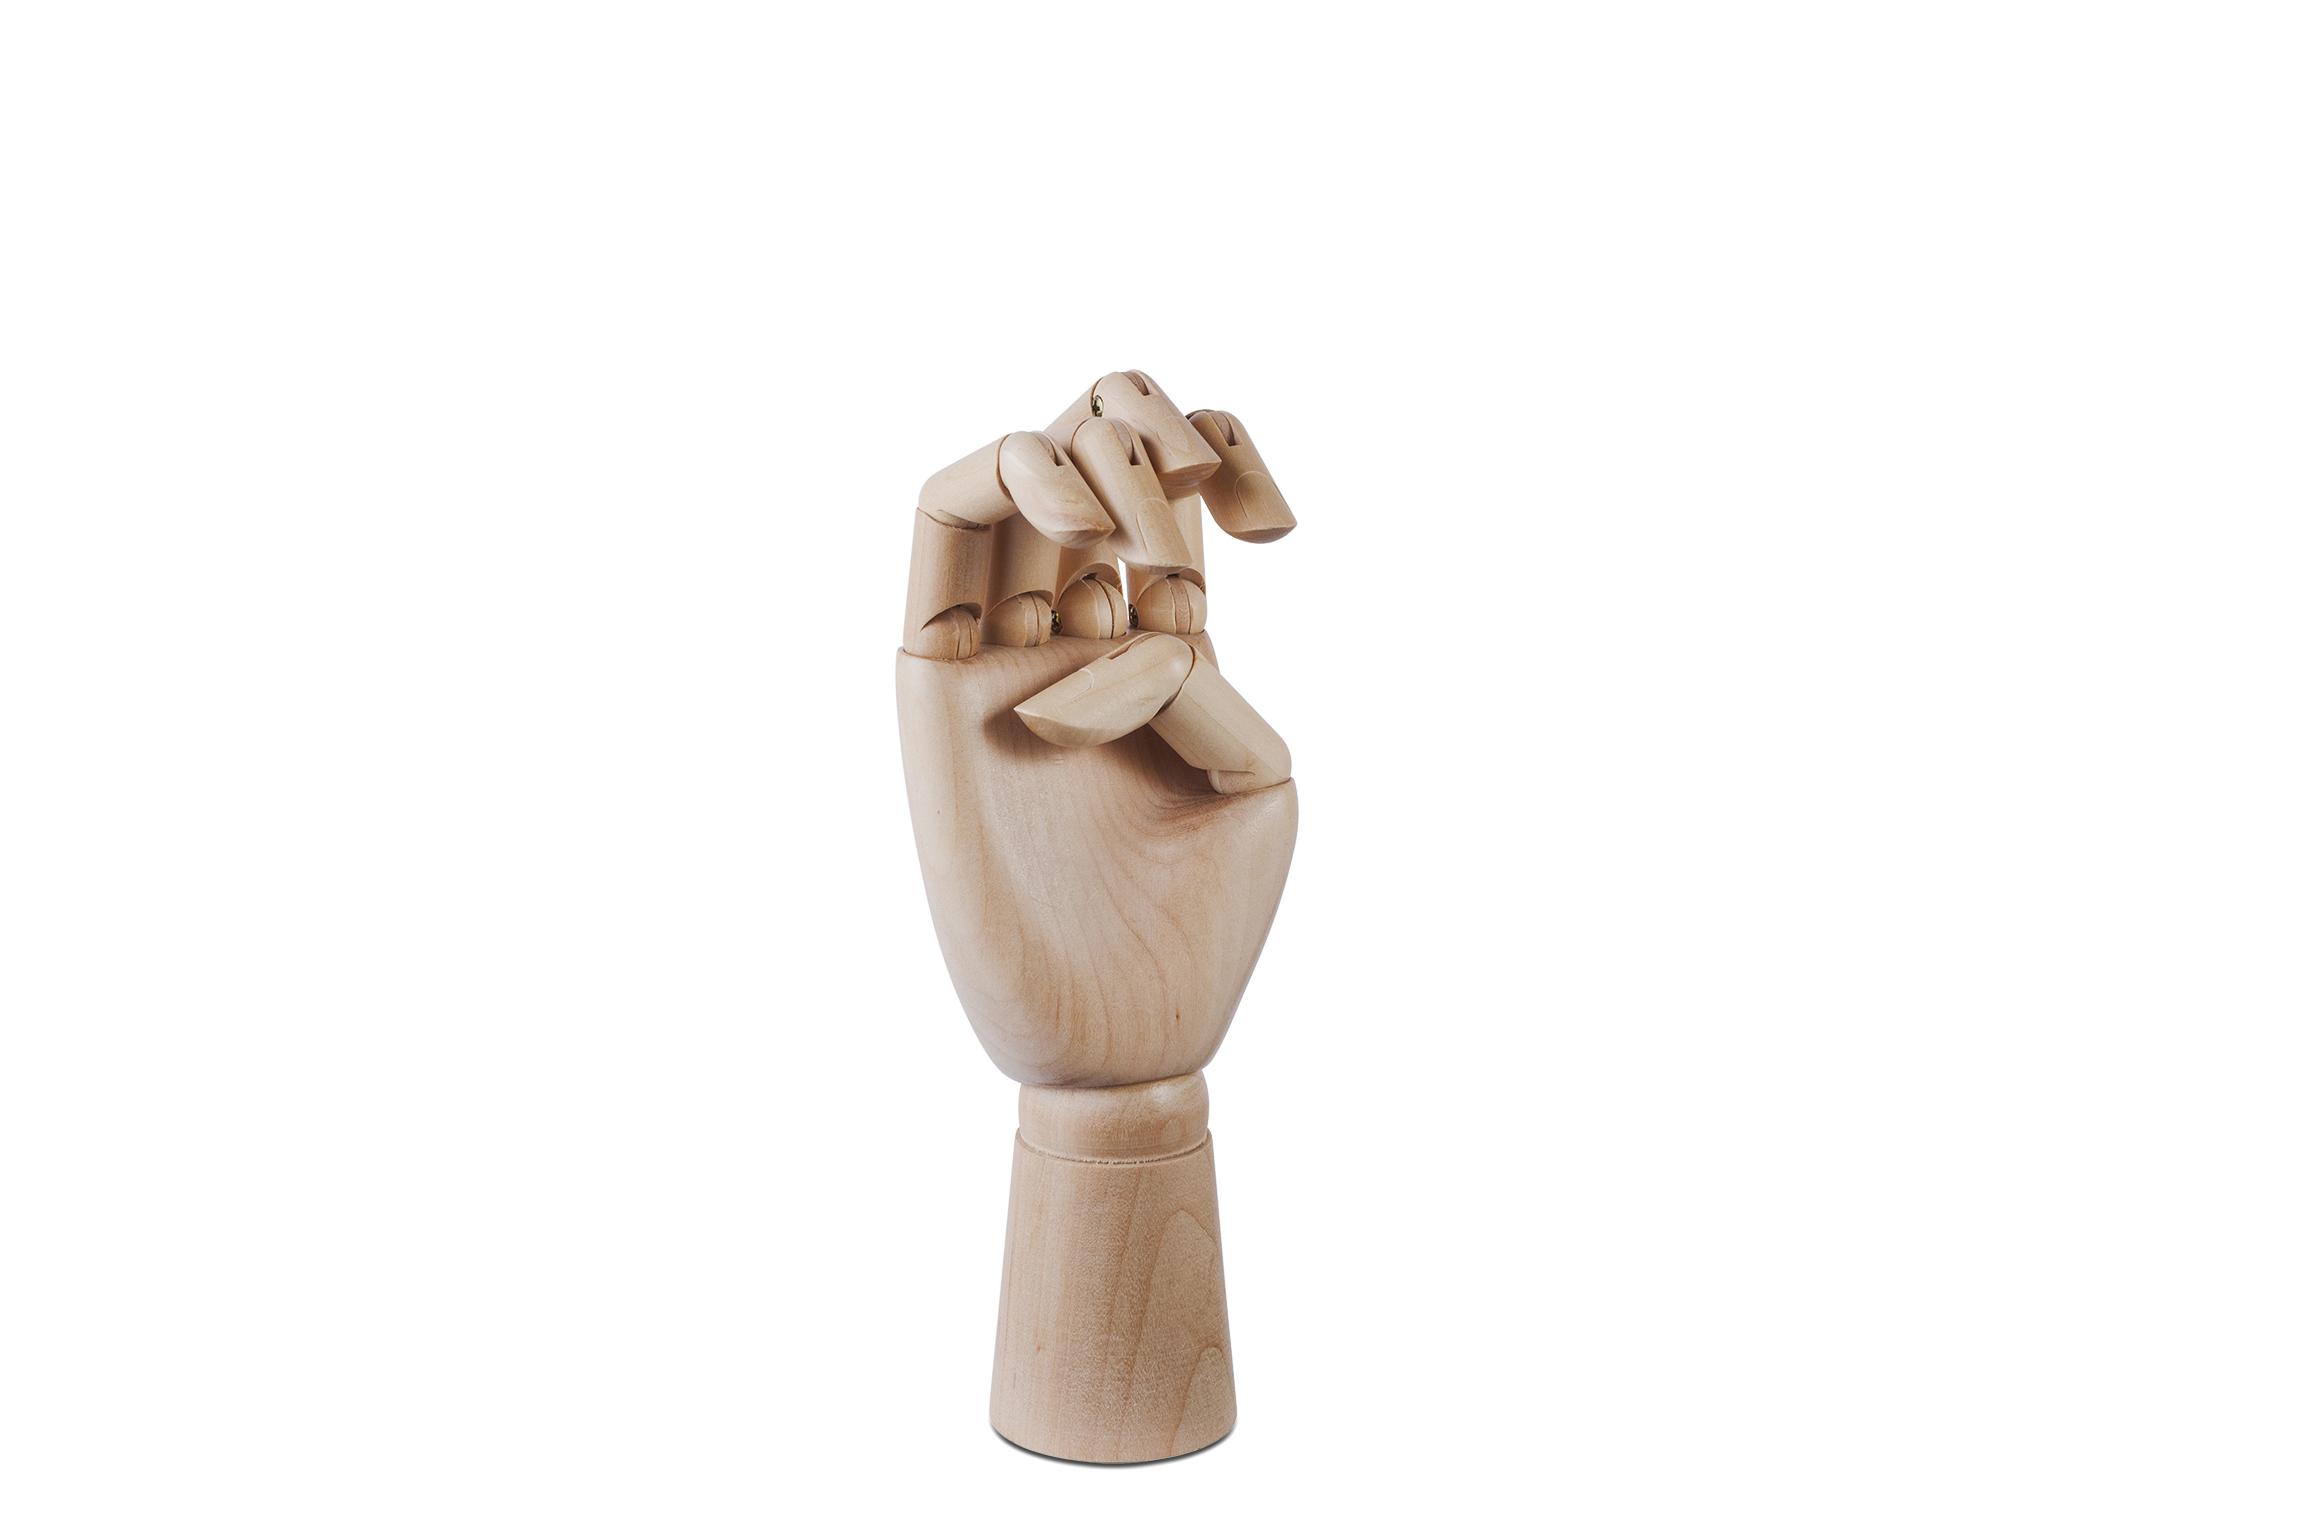 503653_Wooden Hand M